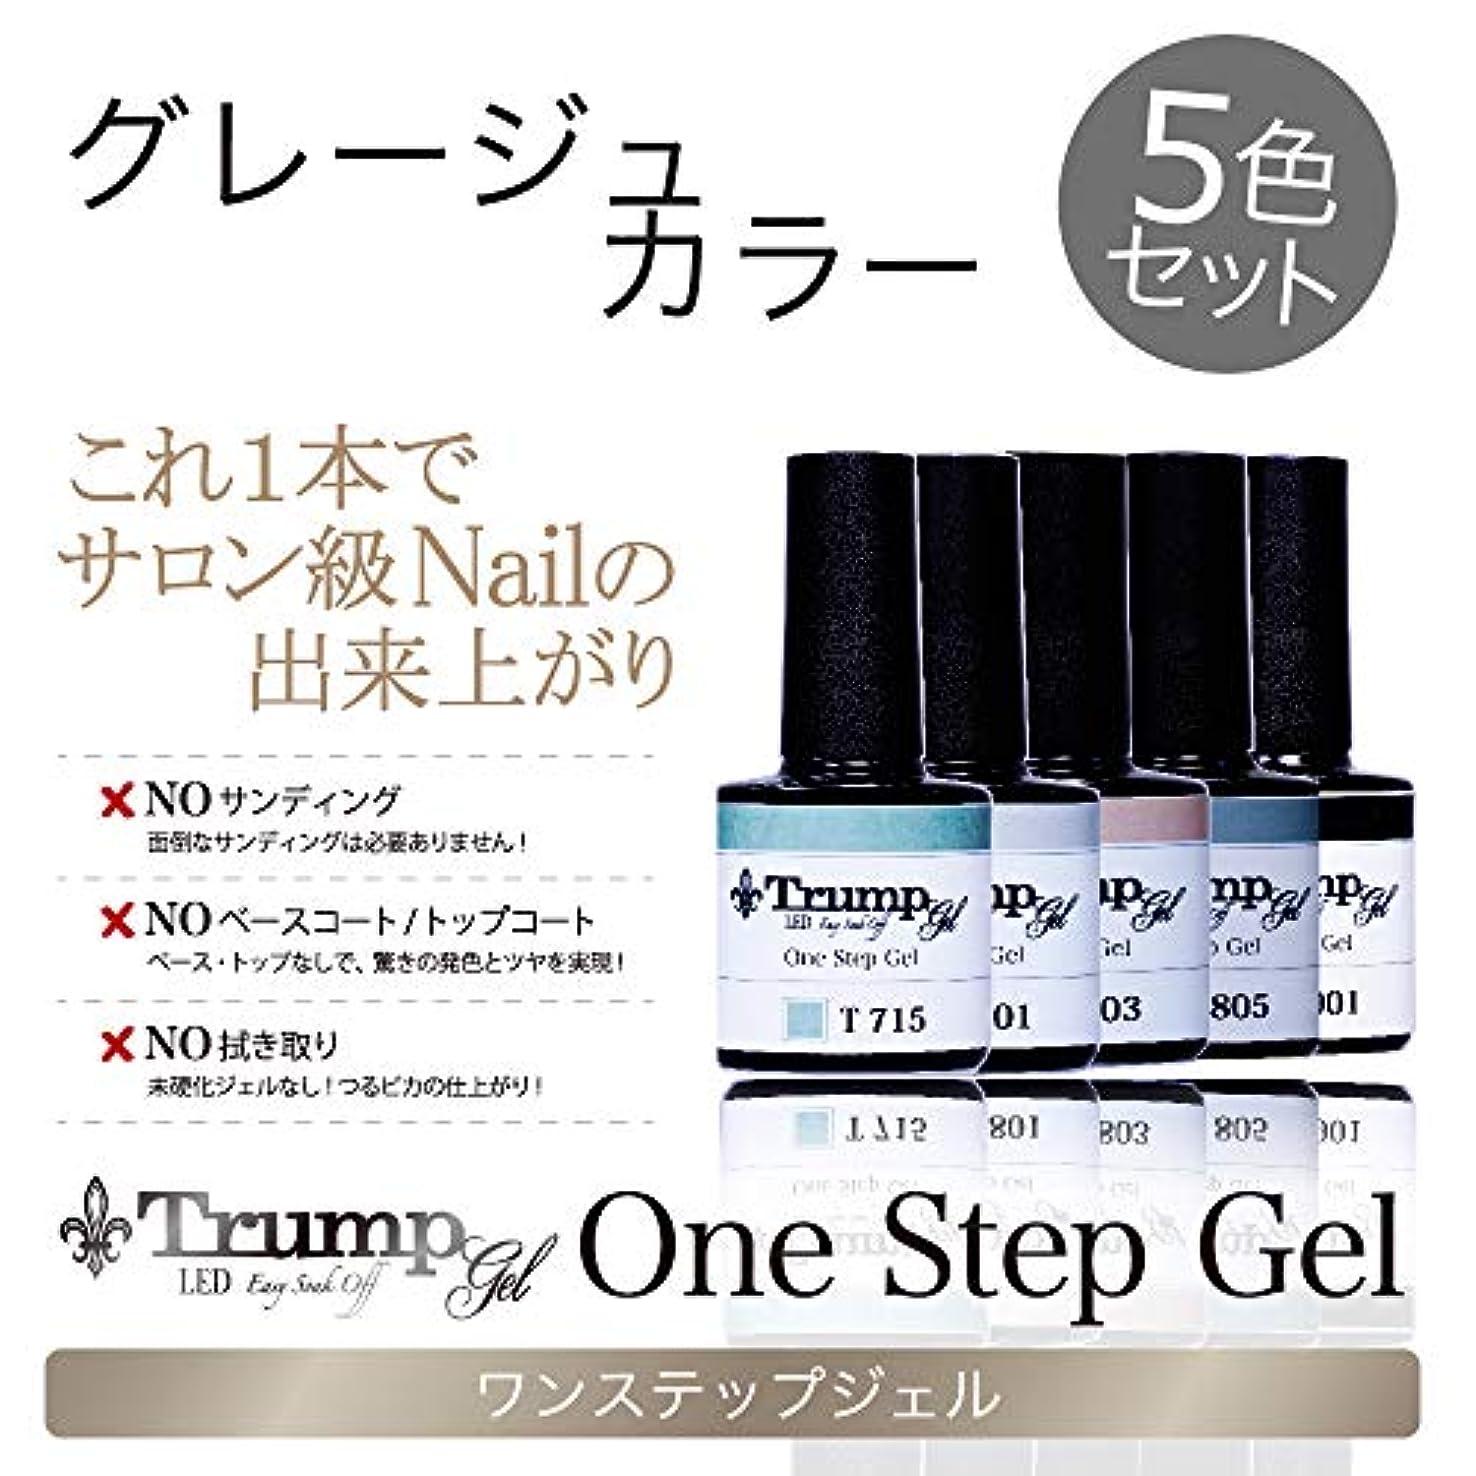 程度尾品種【日本製】Trump gel トランプジェル ワンステップジェル ジェルネイル カラージェル 5点 セット ニュアンスカラー (グレージュカラー5色セット)